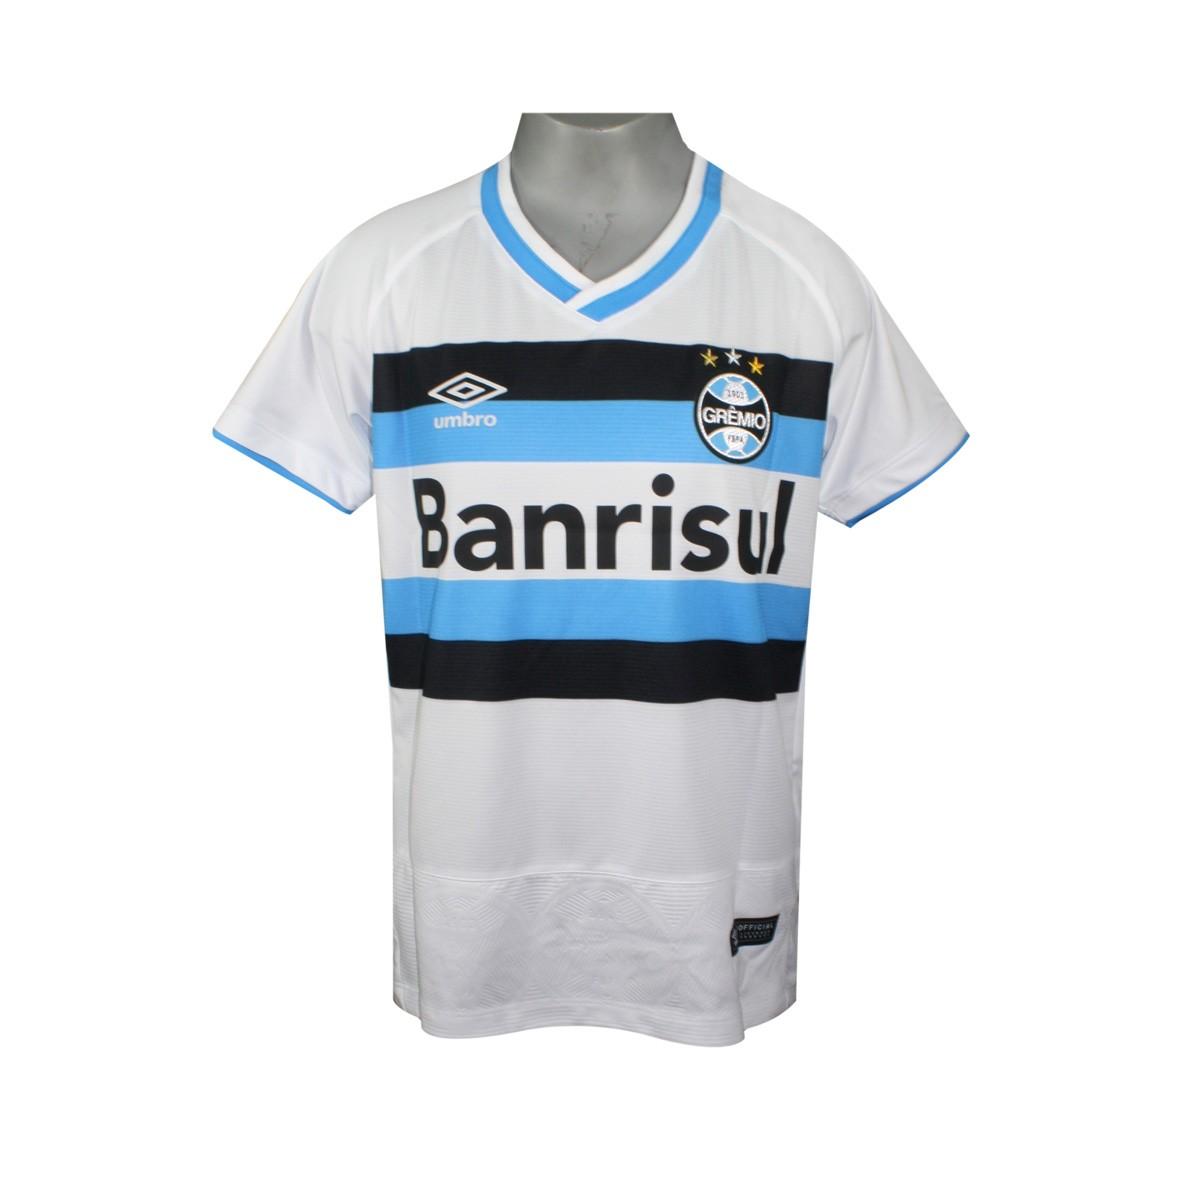 83604e4459 Amplie a imagem. Camiseta Junior Grêmio Oficial 2 2016 Umbro  Camiseta  Junior Grêmio Oficial ...